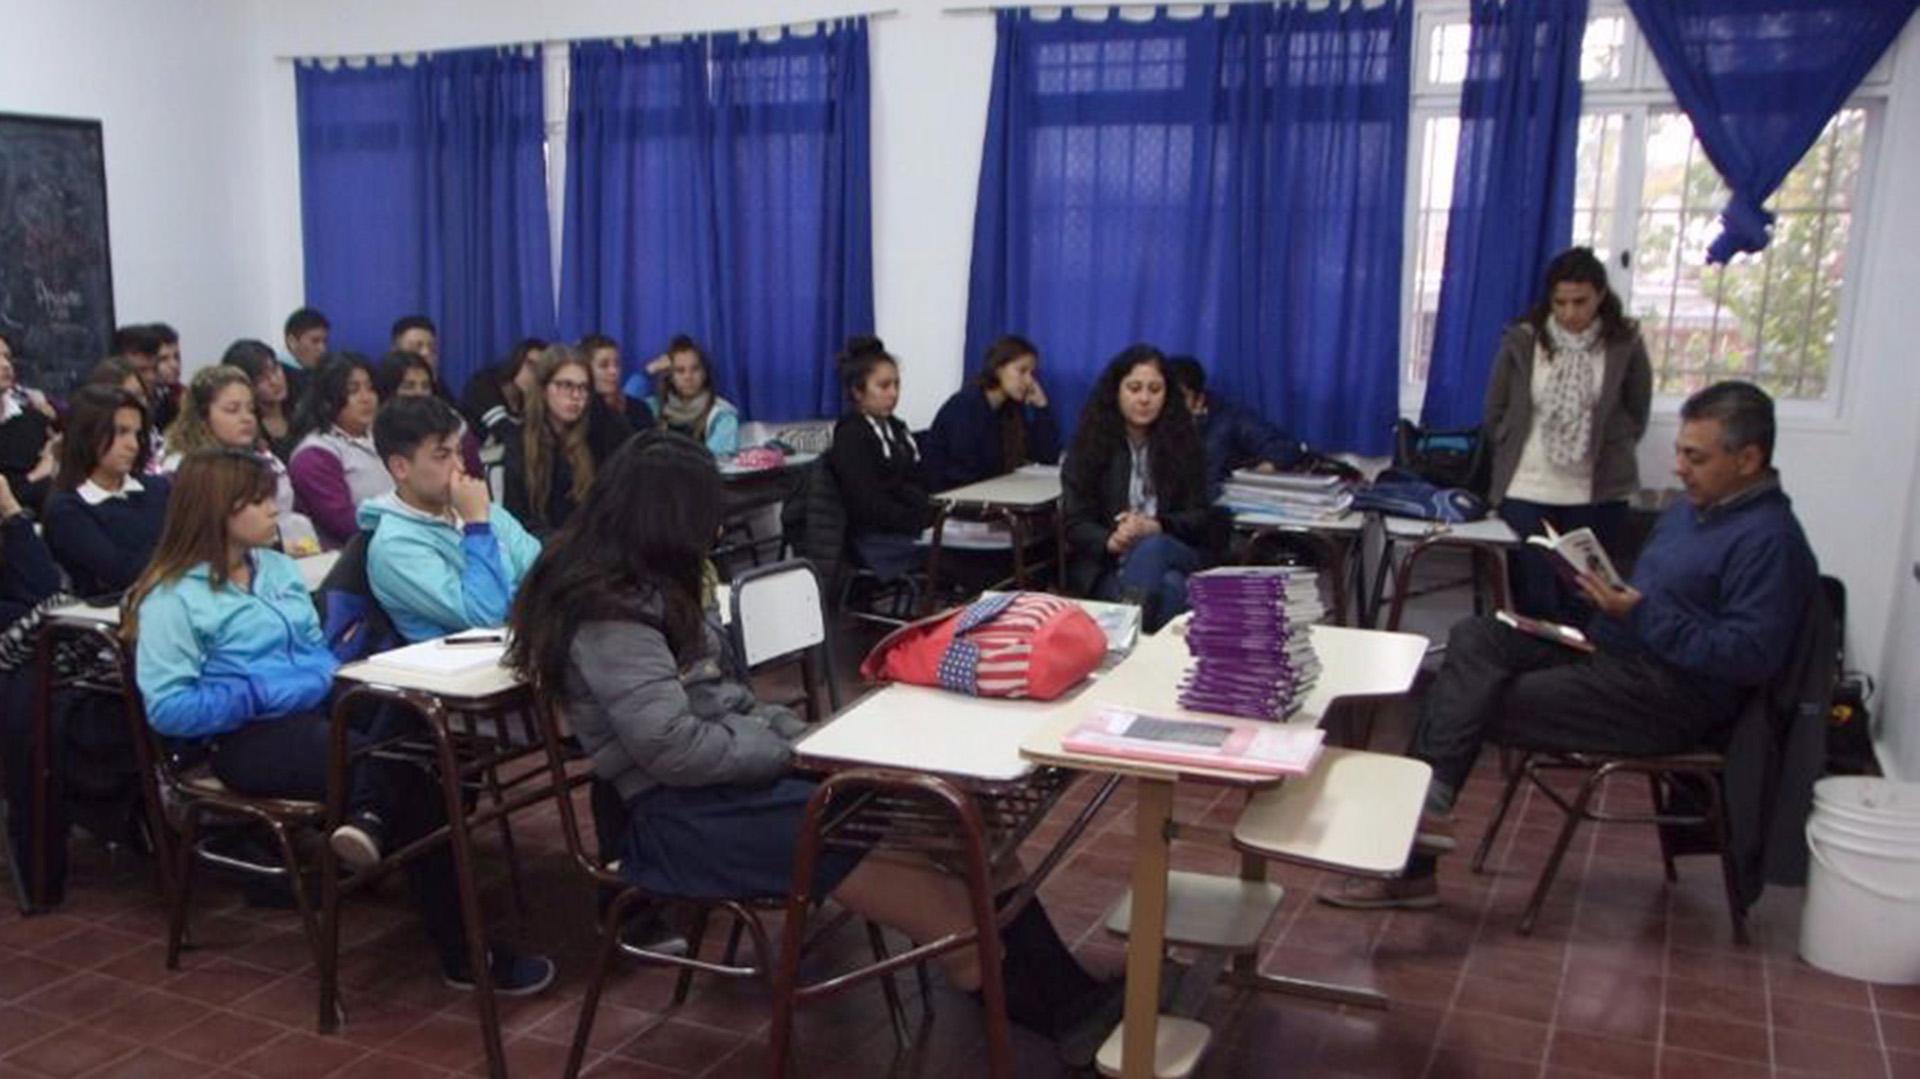 Clases en una escuela secundaria (Imagen de archivo)